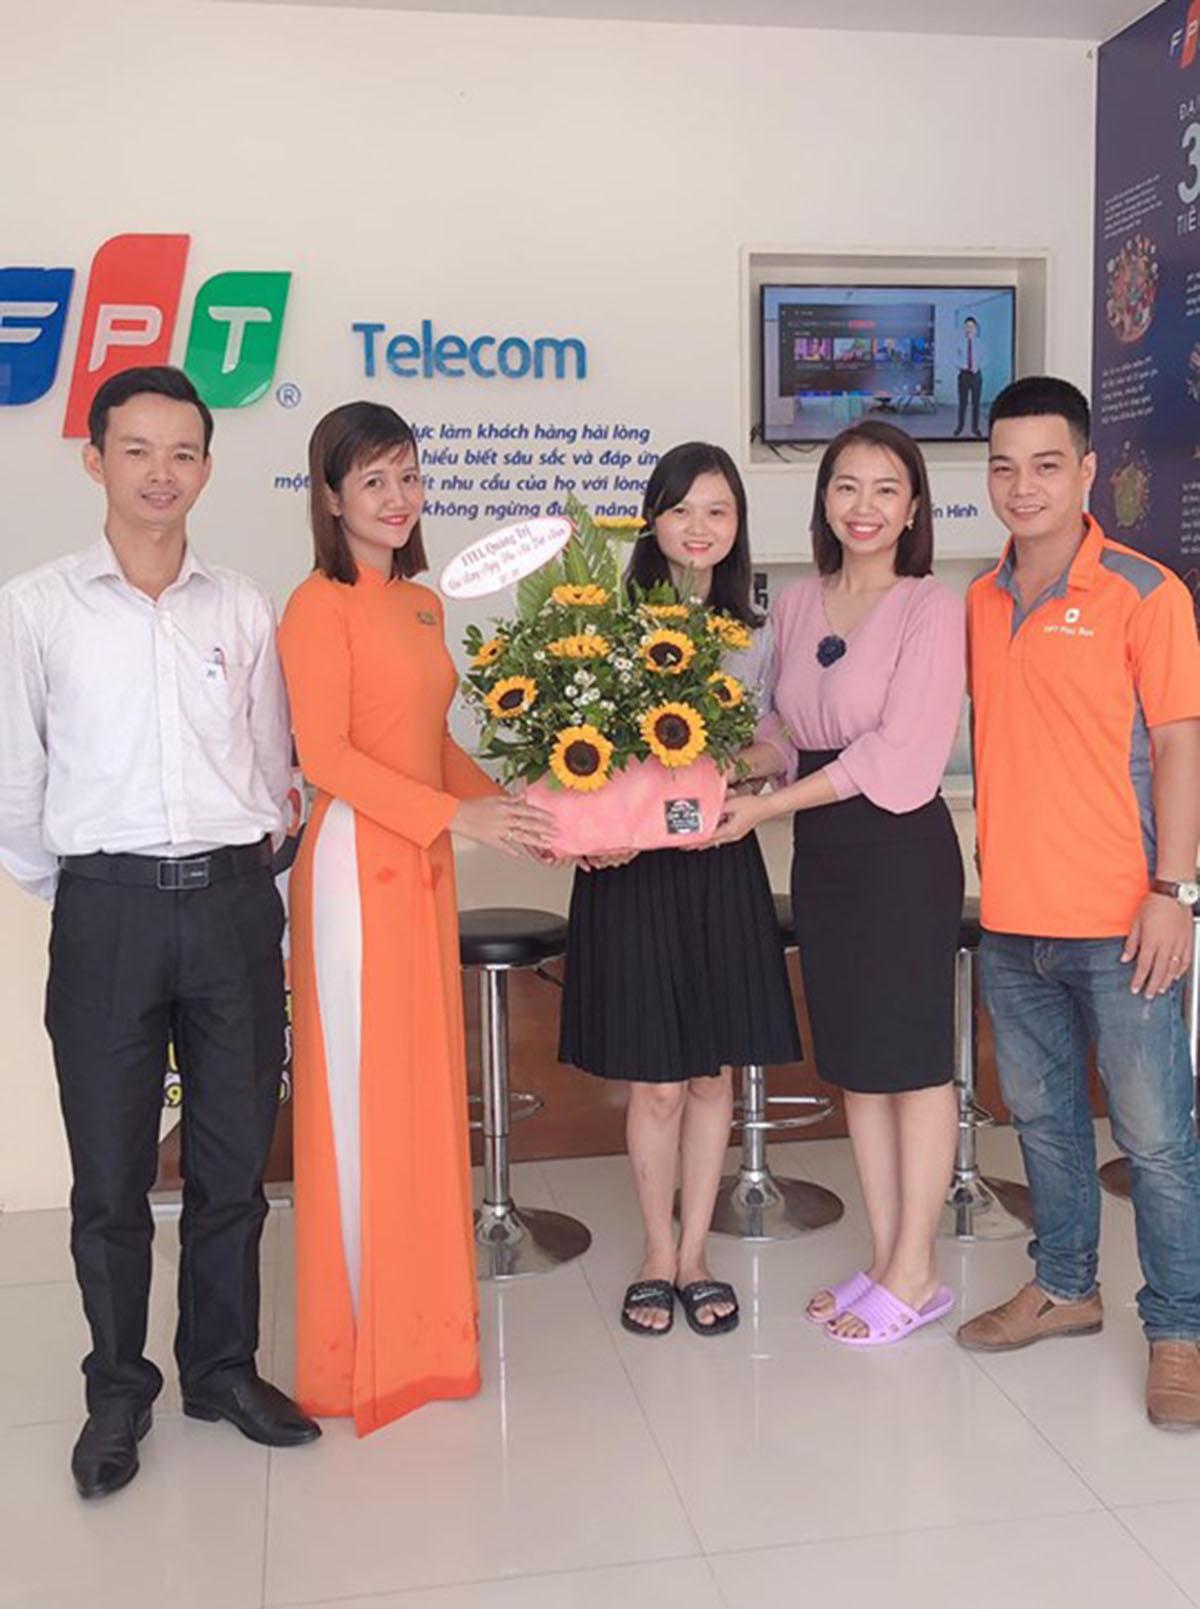 """""""Một nửa thế giới"""" của nhà FPT Telecom Quảng Trị xúng xính những bộ cánh đẹp nền nã trong ngày đặc biệt của năm."""